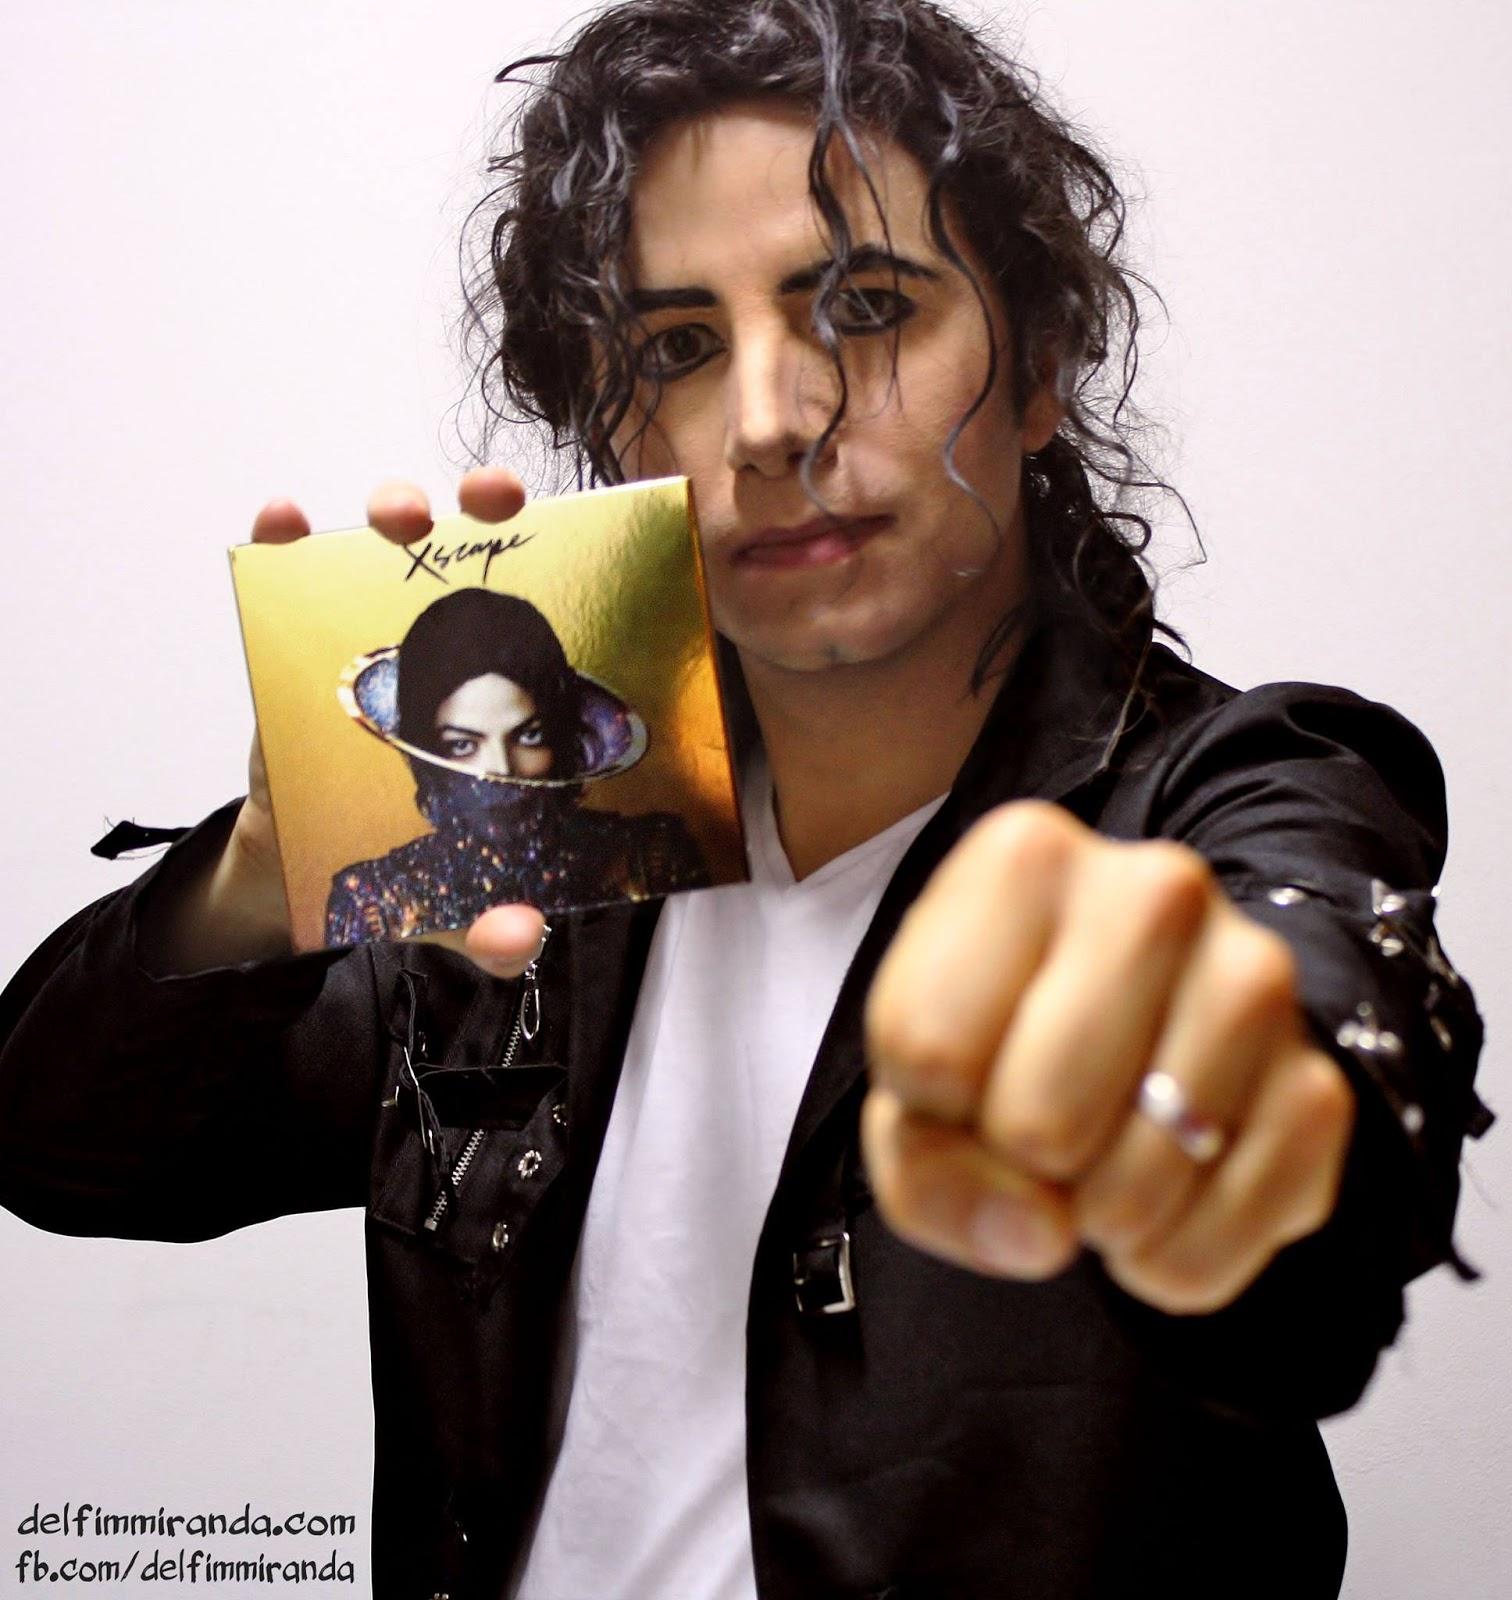 Delfim Miranda - Michael Jackson Tribute - Xscape Gold CD